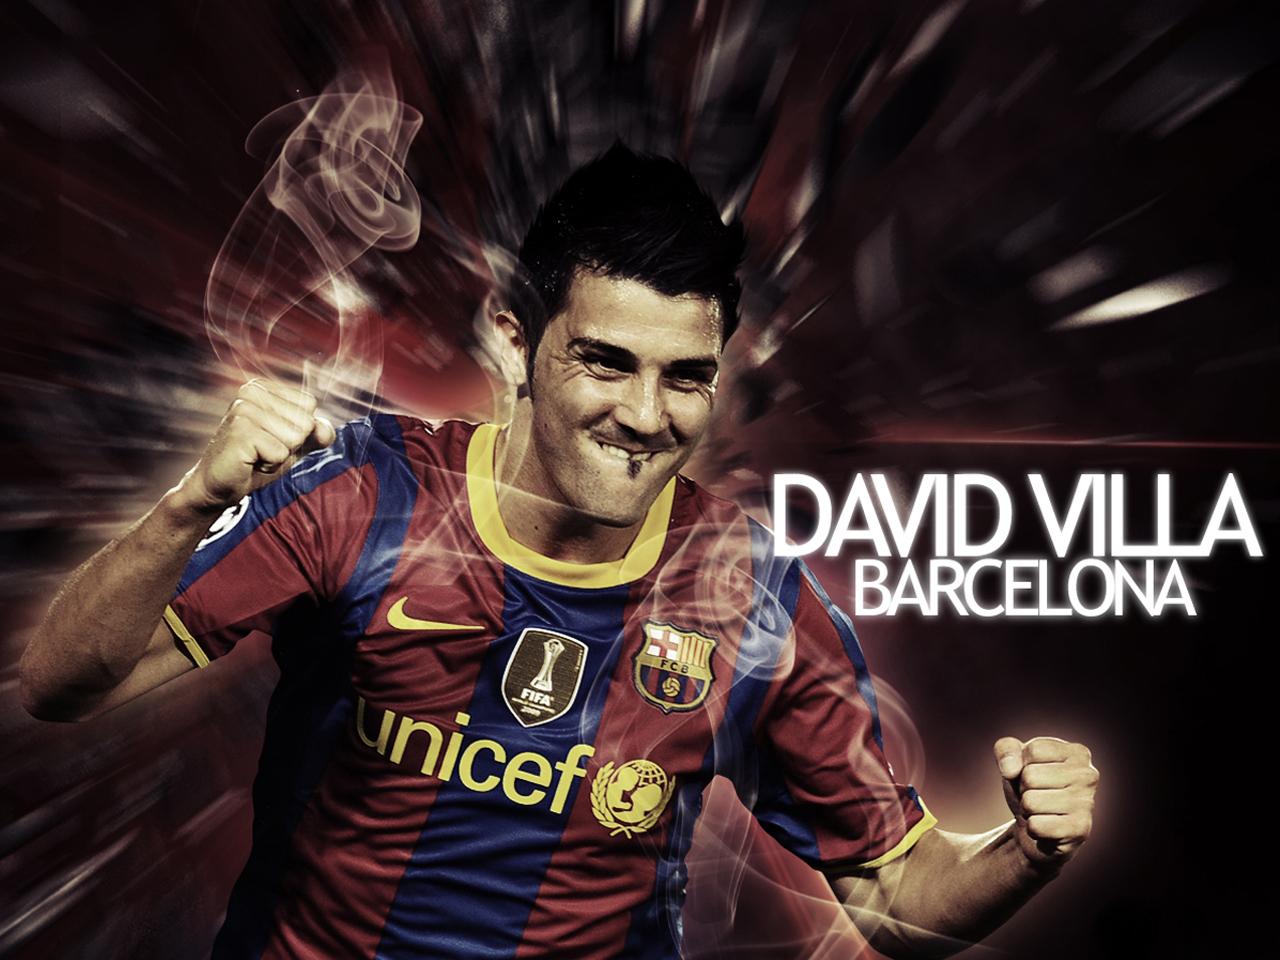 David Villa Soccer Wallpaper 1280x960